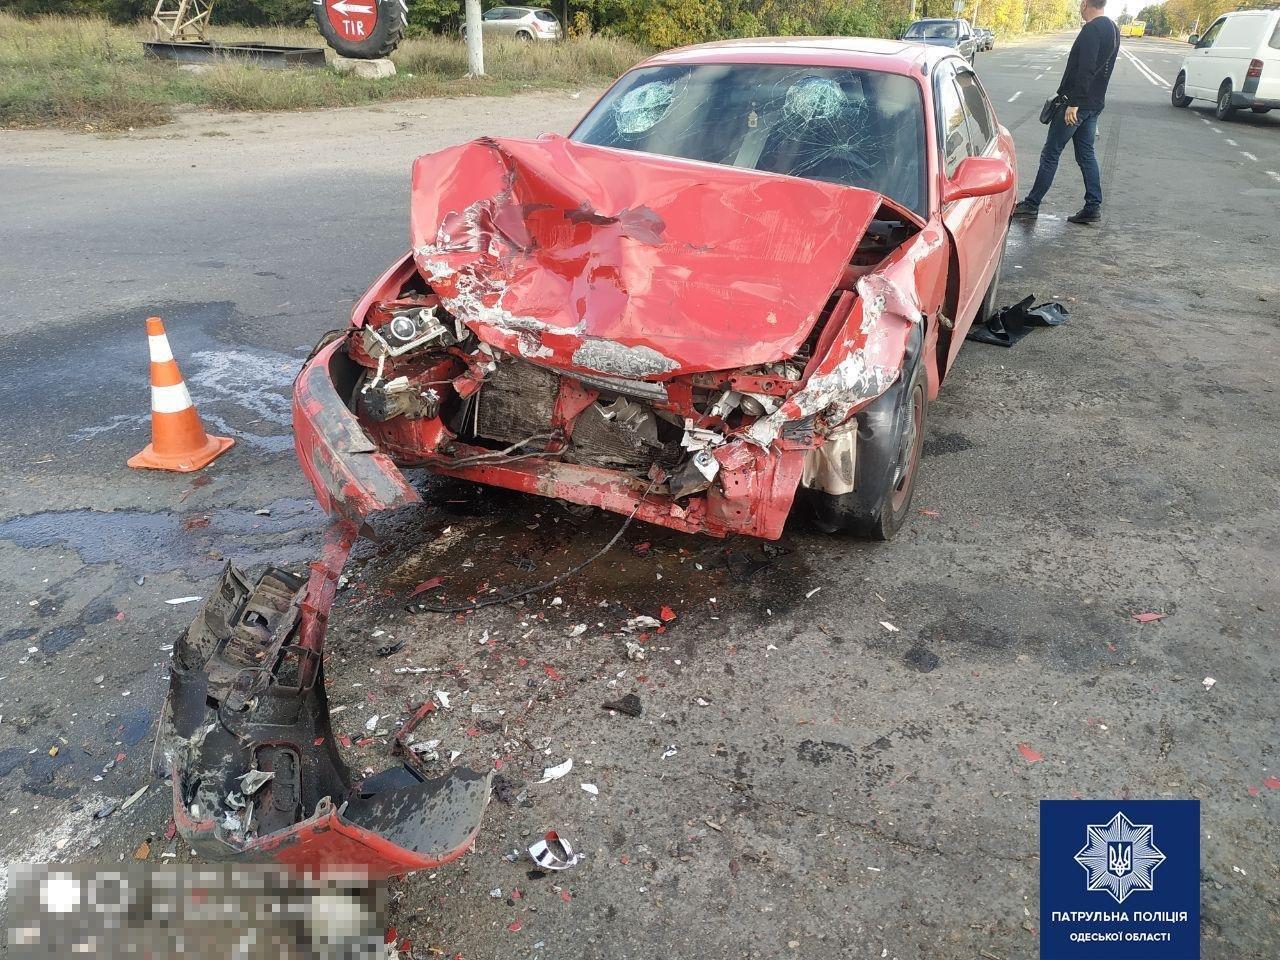 Под Одессой столкнулись Mazda и Жигули, есть пострадавшие, - ФОТО2